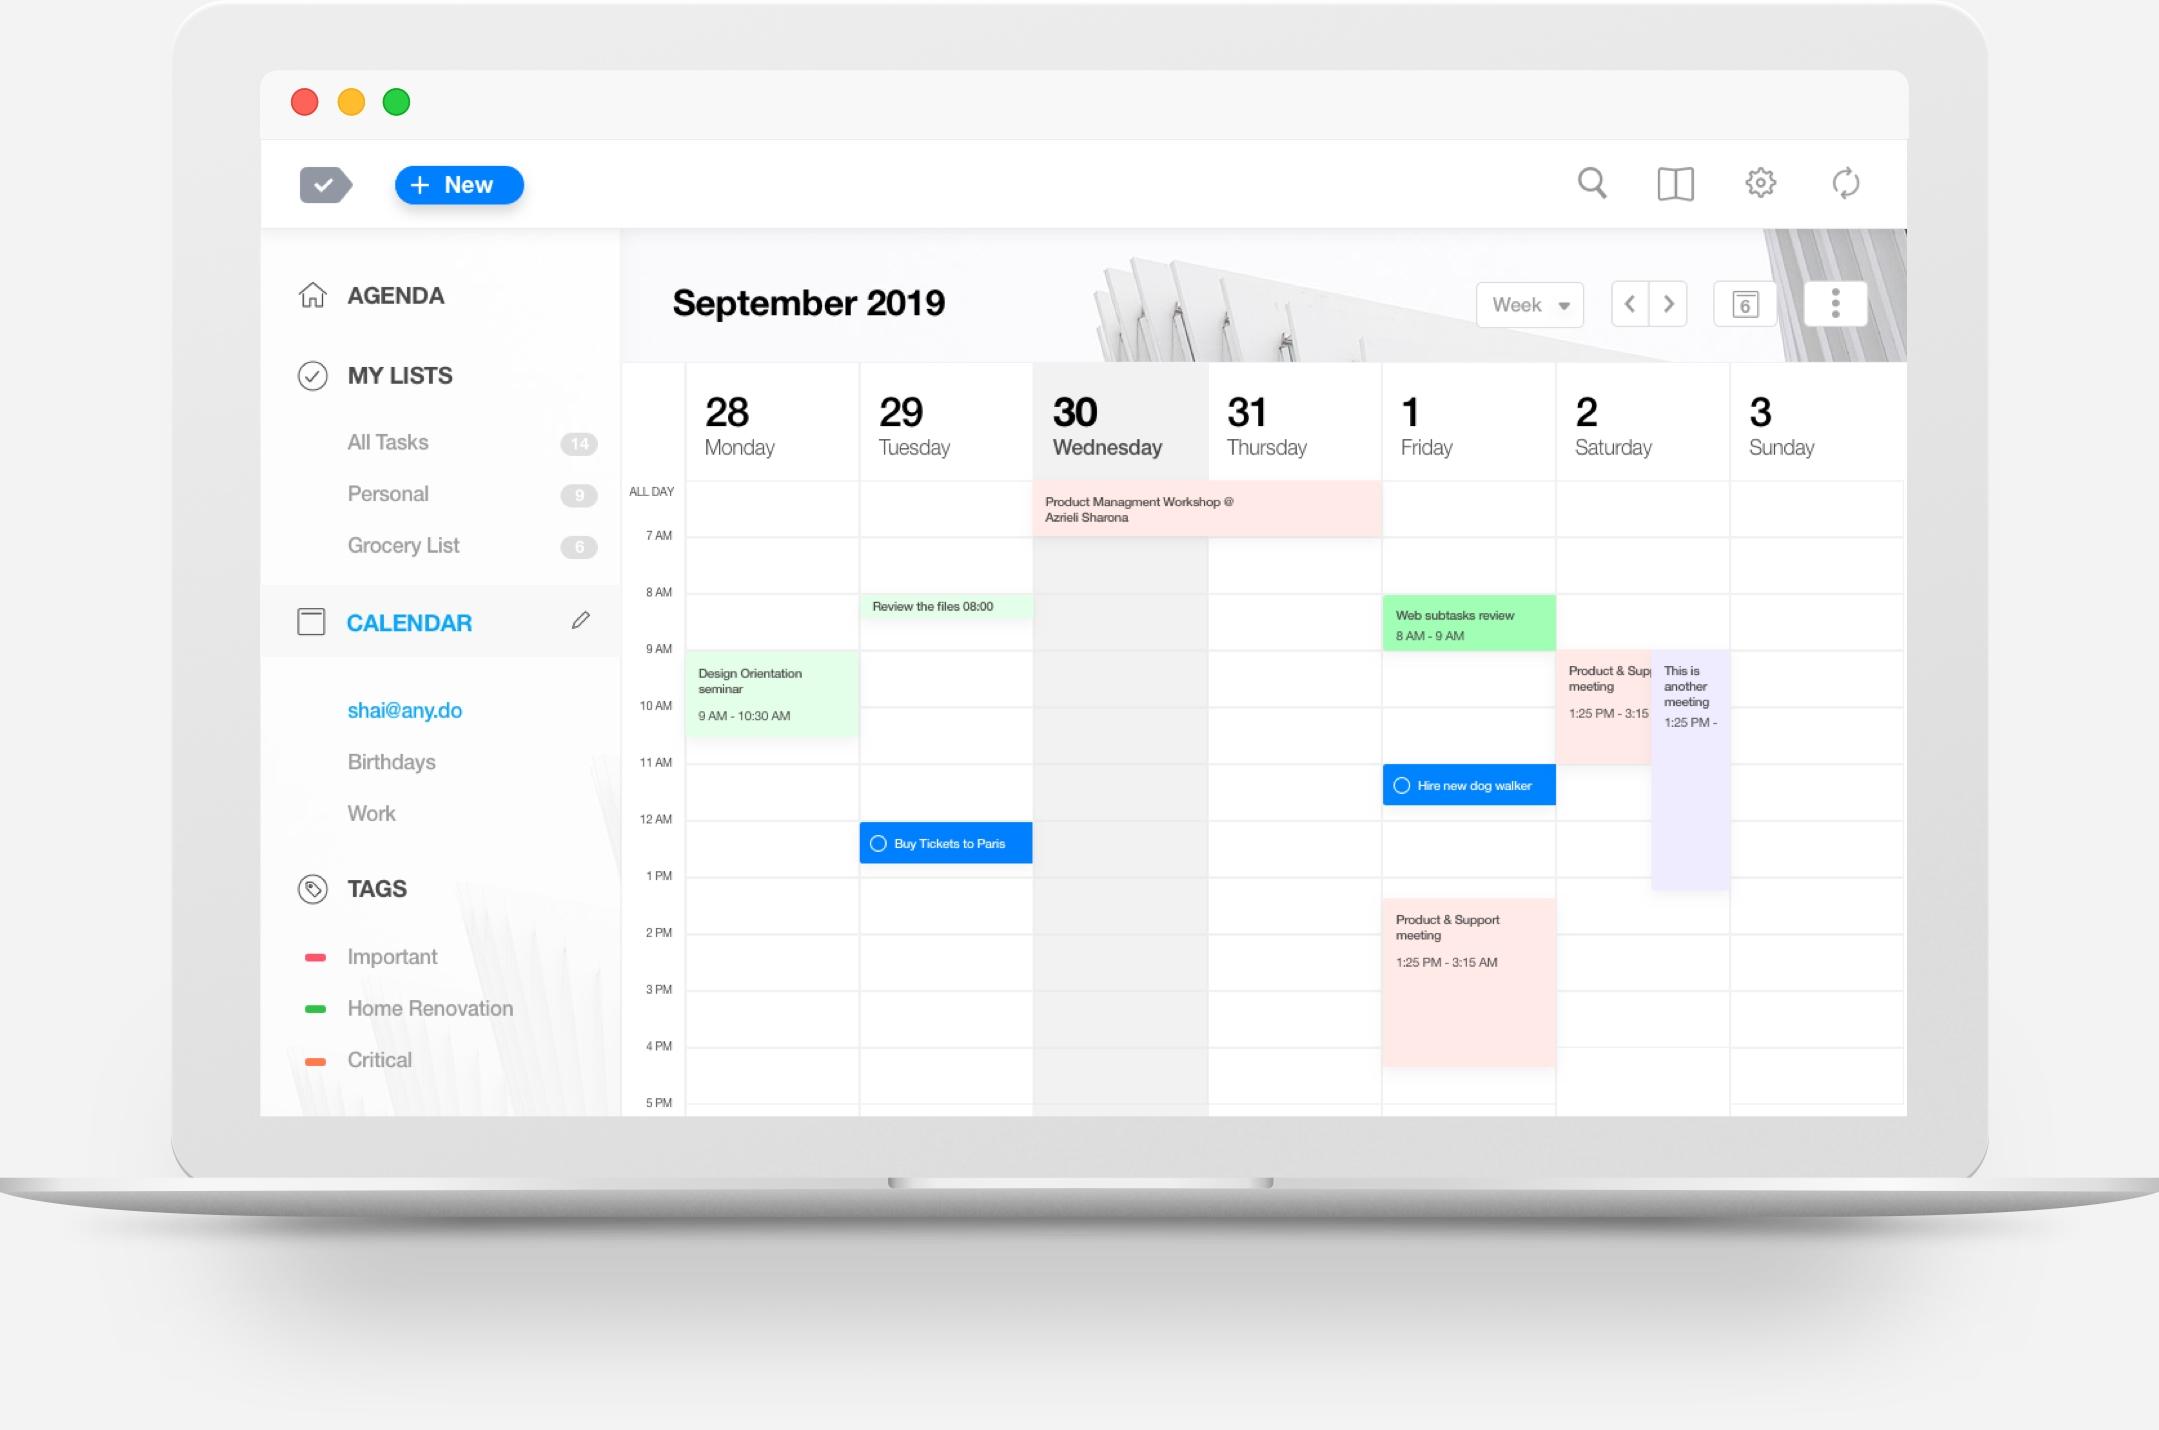 The Best Calendar App For Desktop Anydo